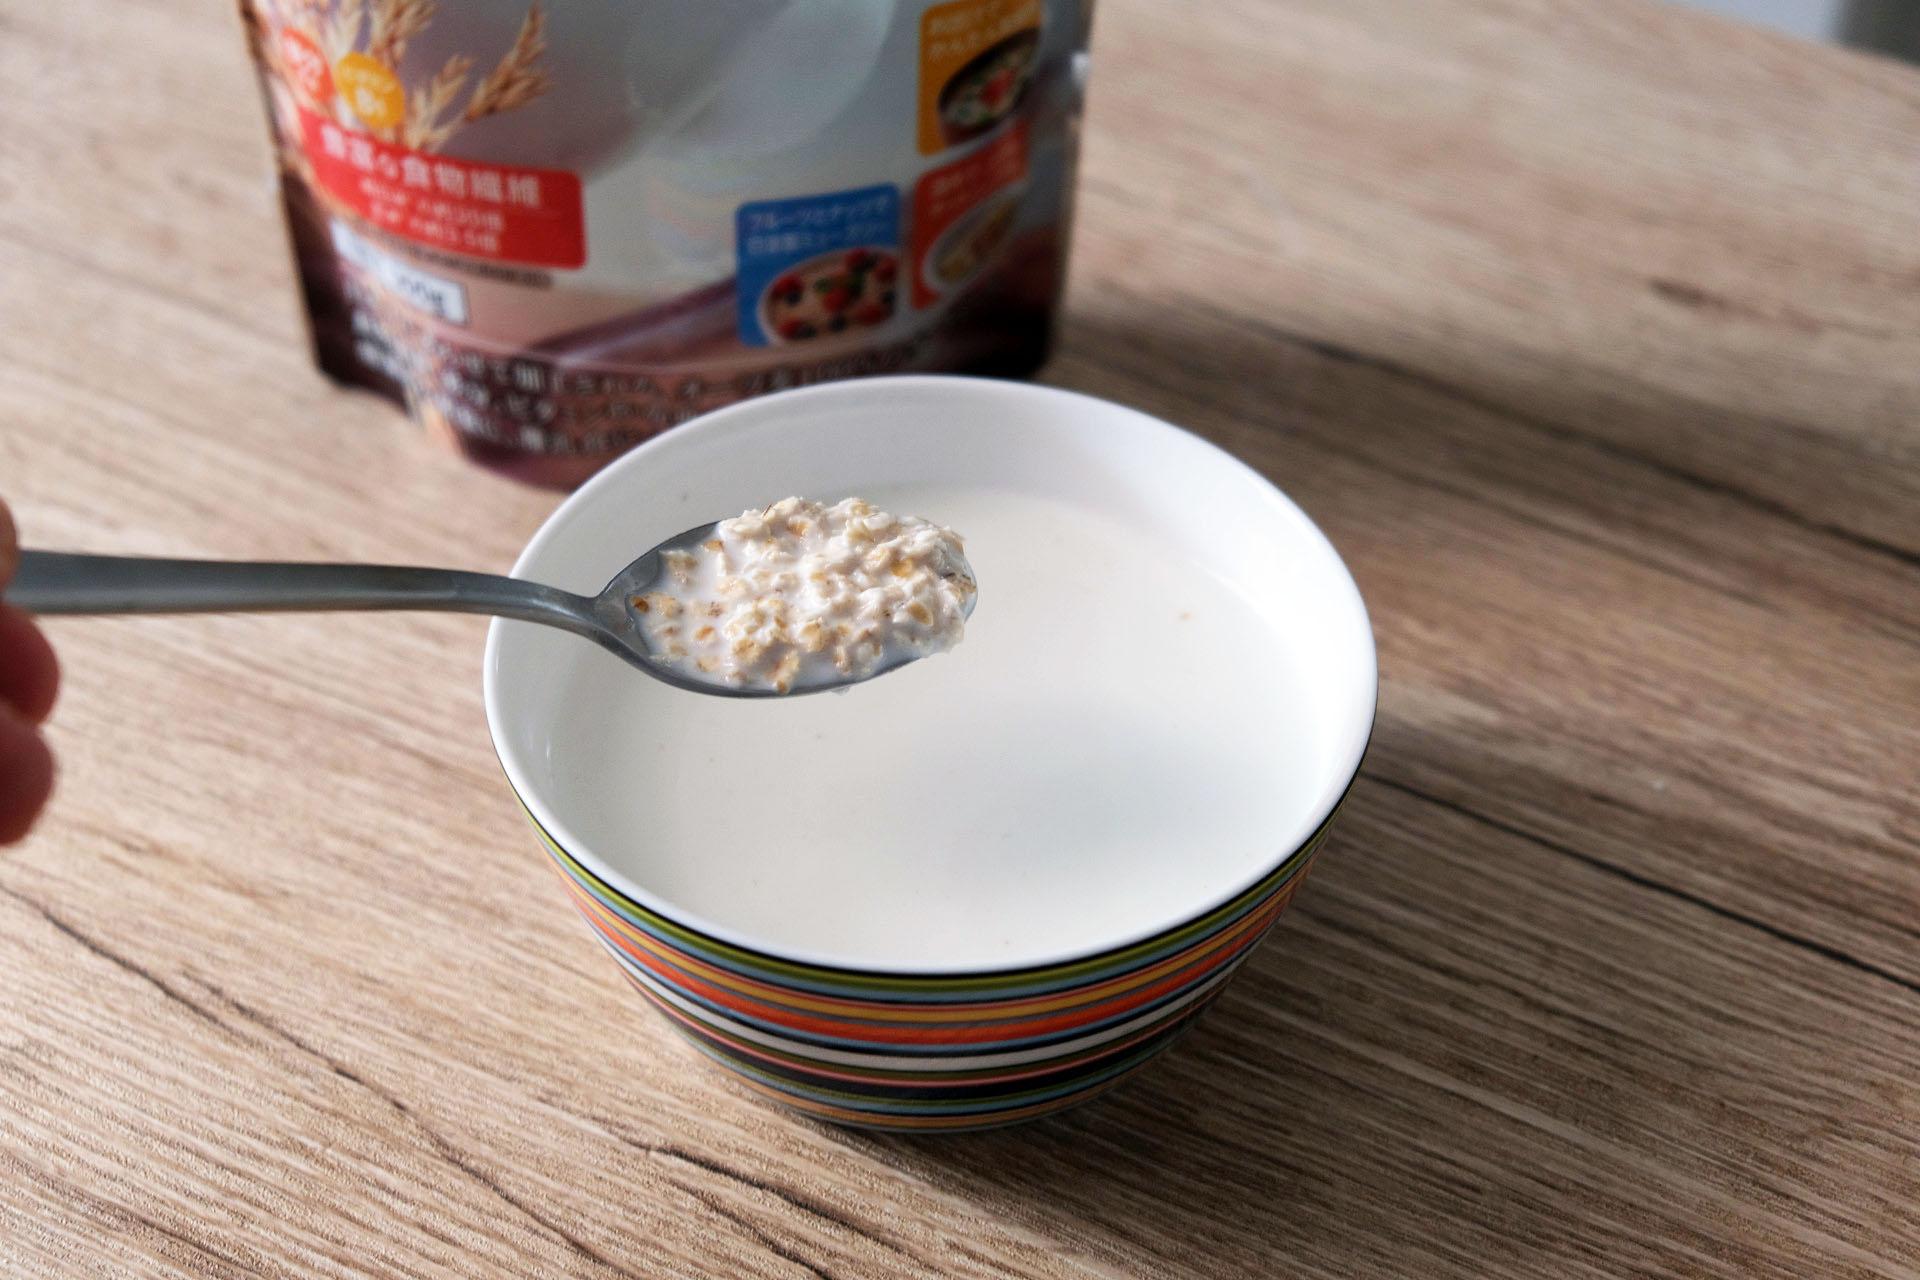 1食分(30g)のオートミールに200gの牛乳をプラス